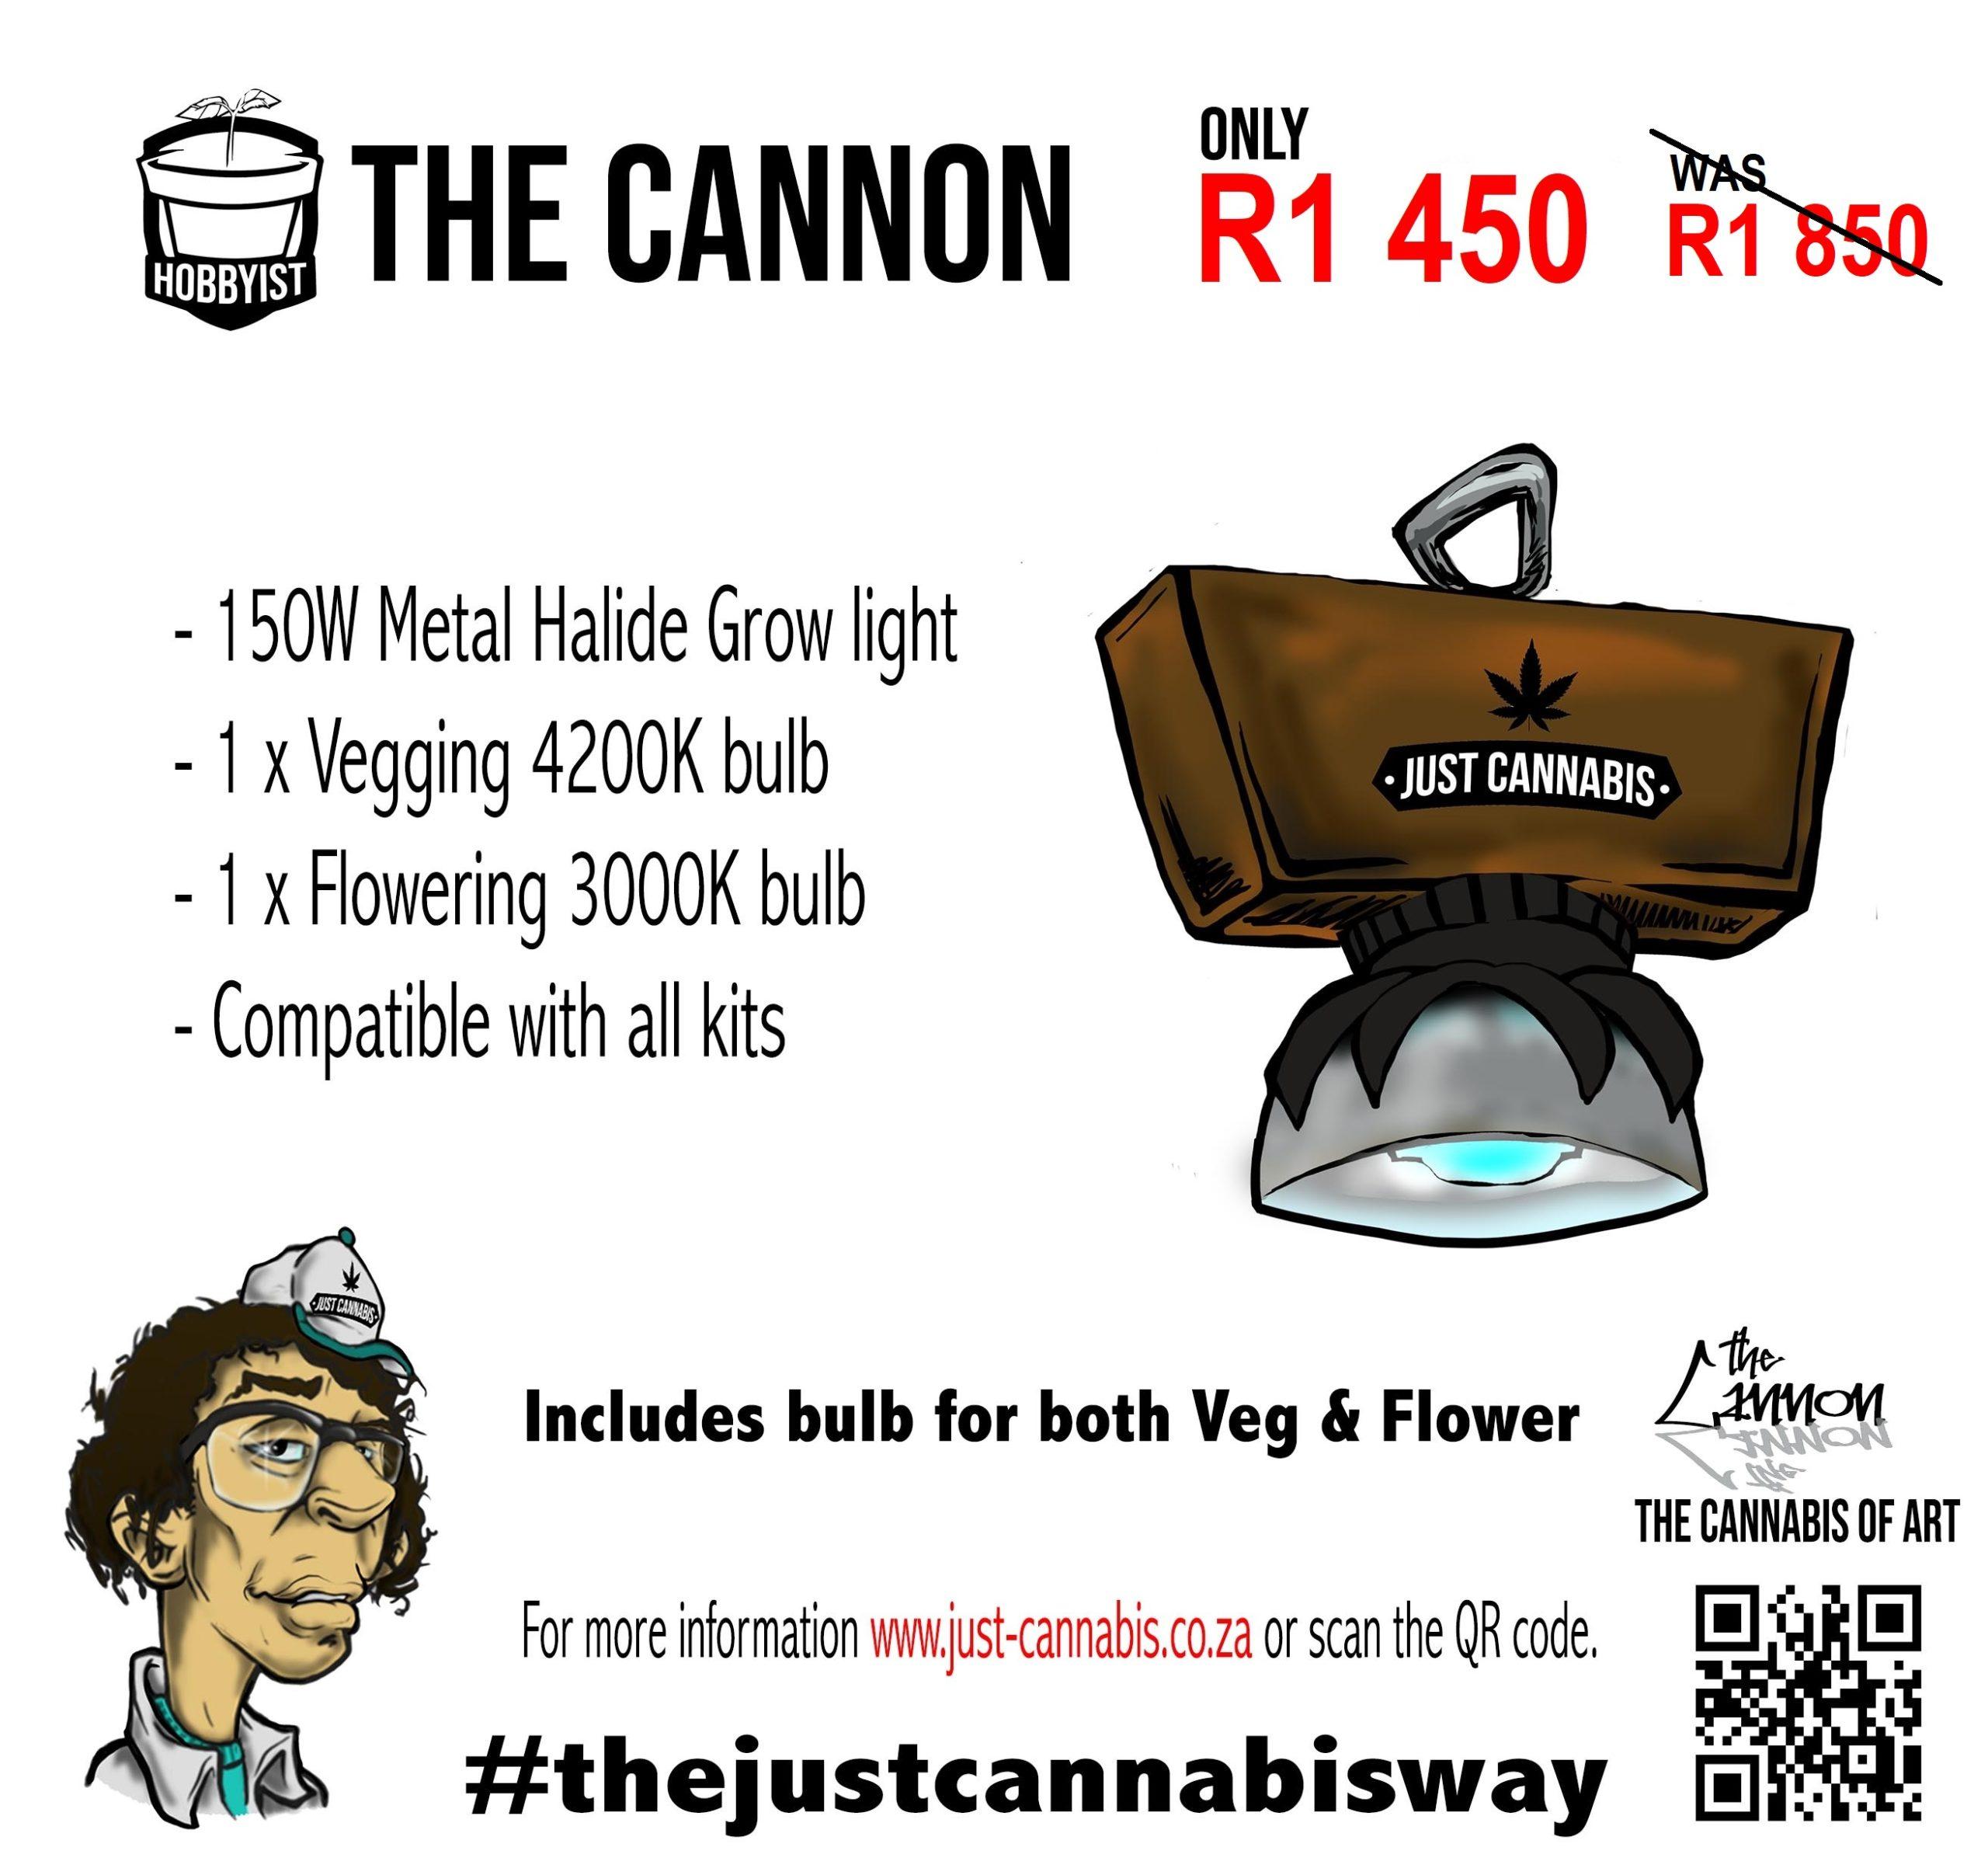 The Cannon Grow Light